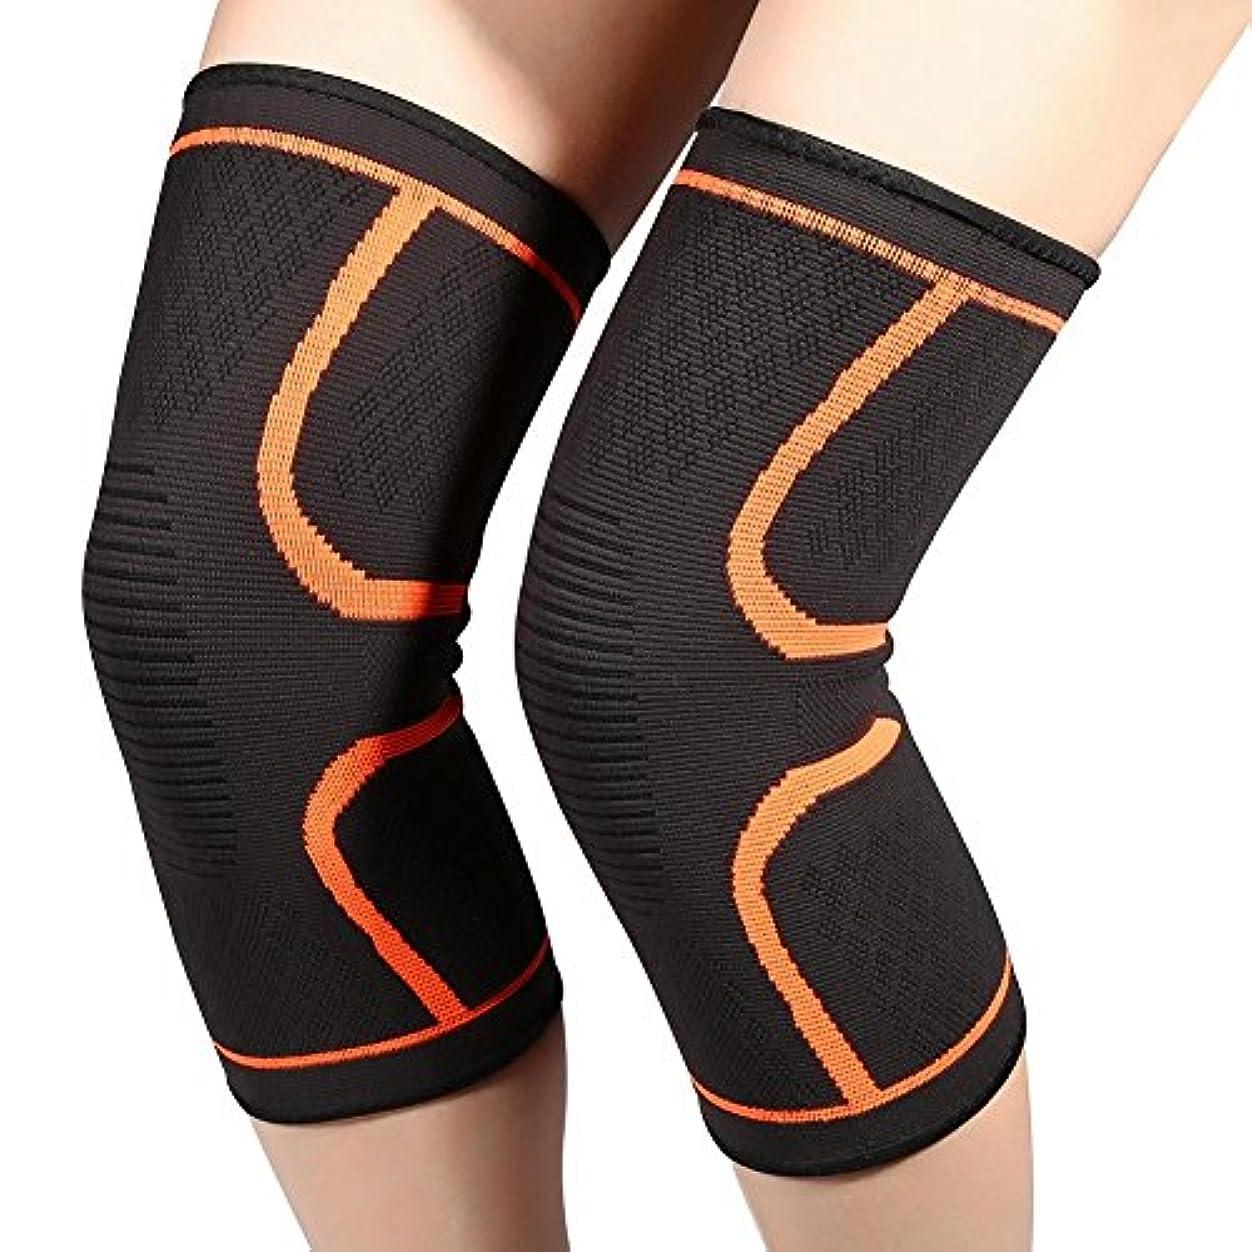 欠如事業移民膝プロテクター、2ピースユニセックス通気性滑り止め膝サポートラップパッドブレースフィットネス屋外ストラップ